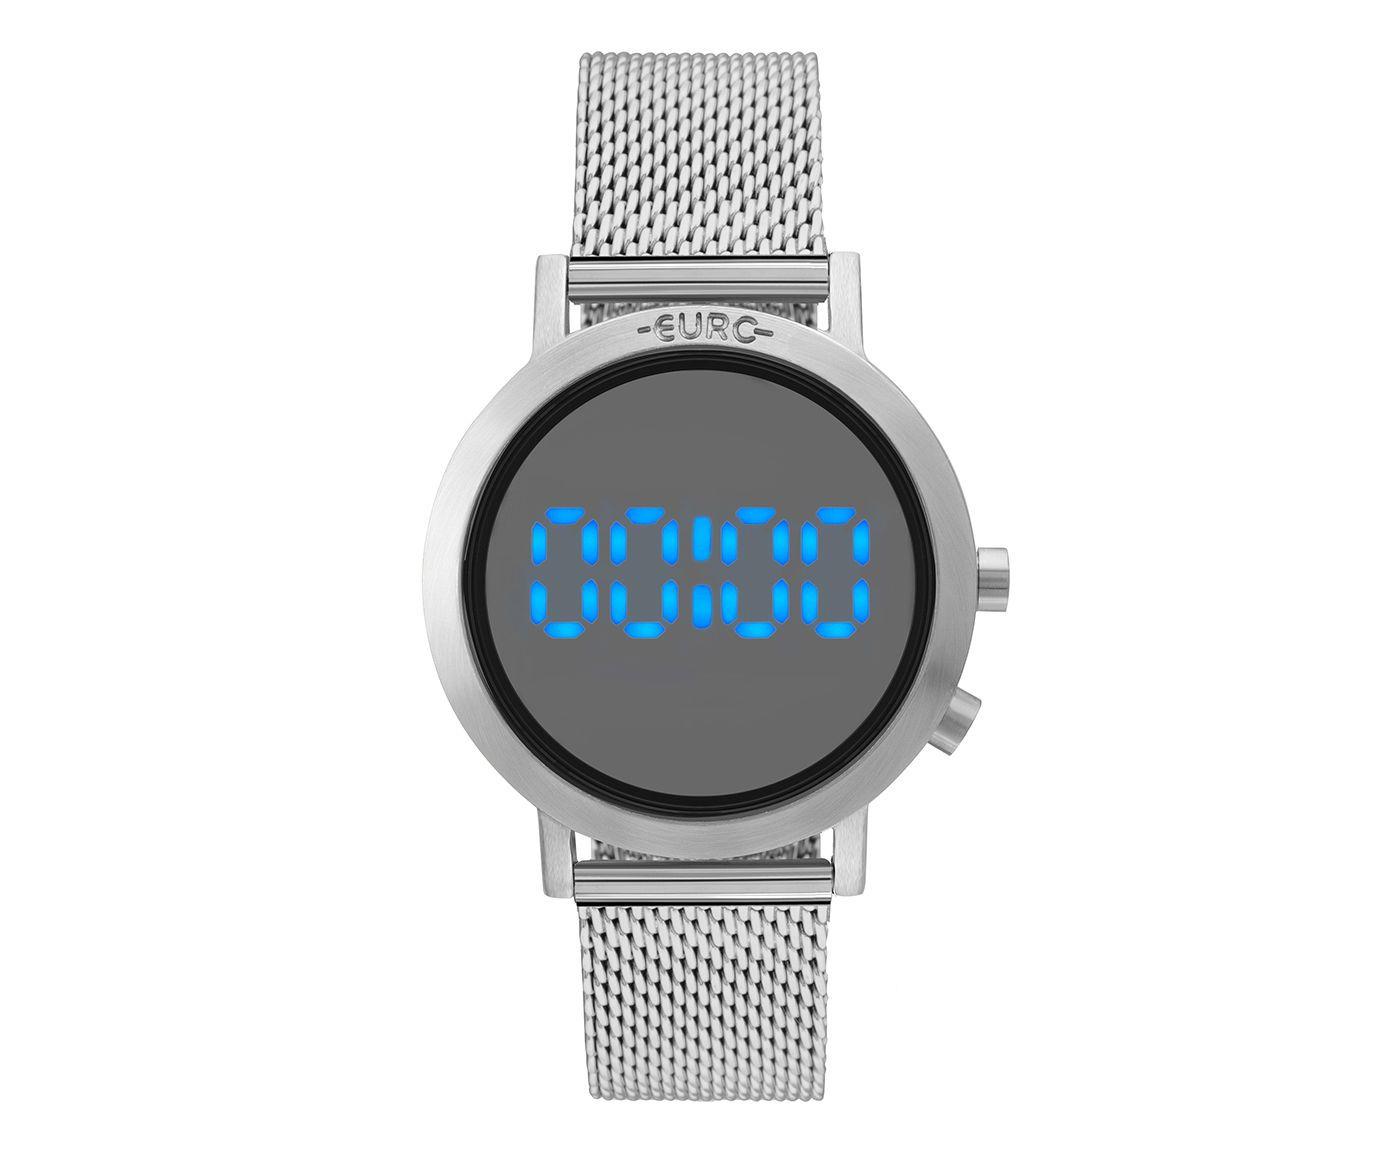 Relógio Digital Fashion Fit Euro Prateado | Westwing.com.br